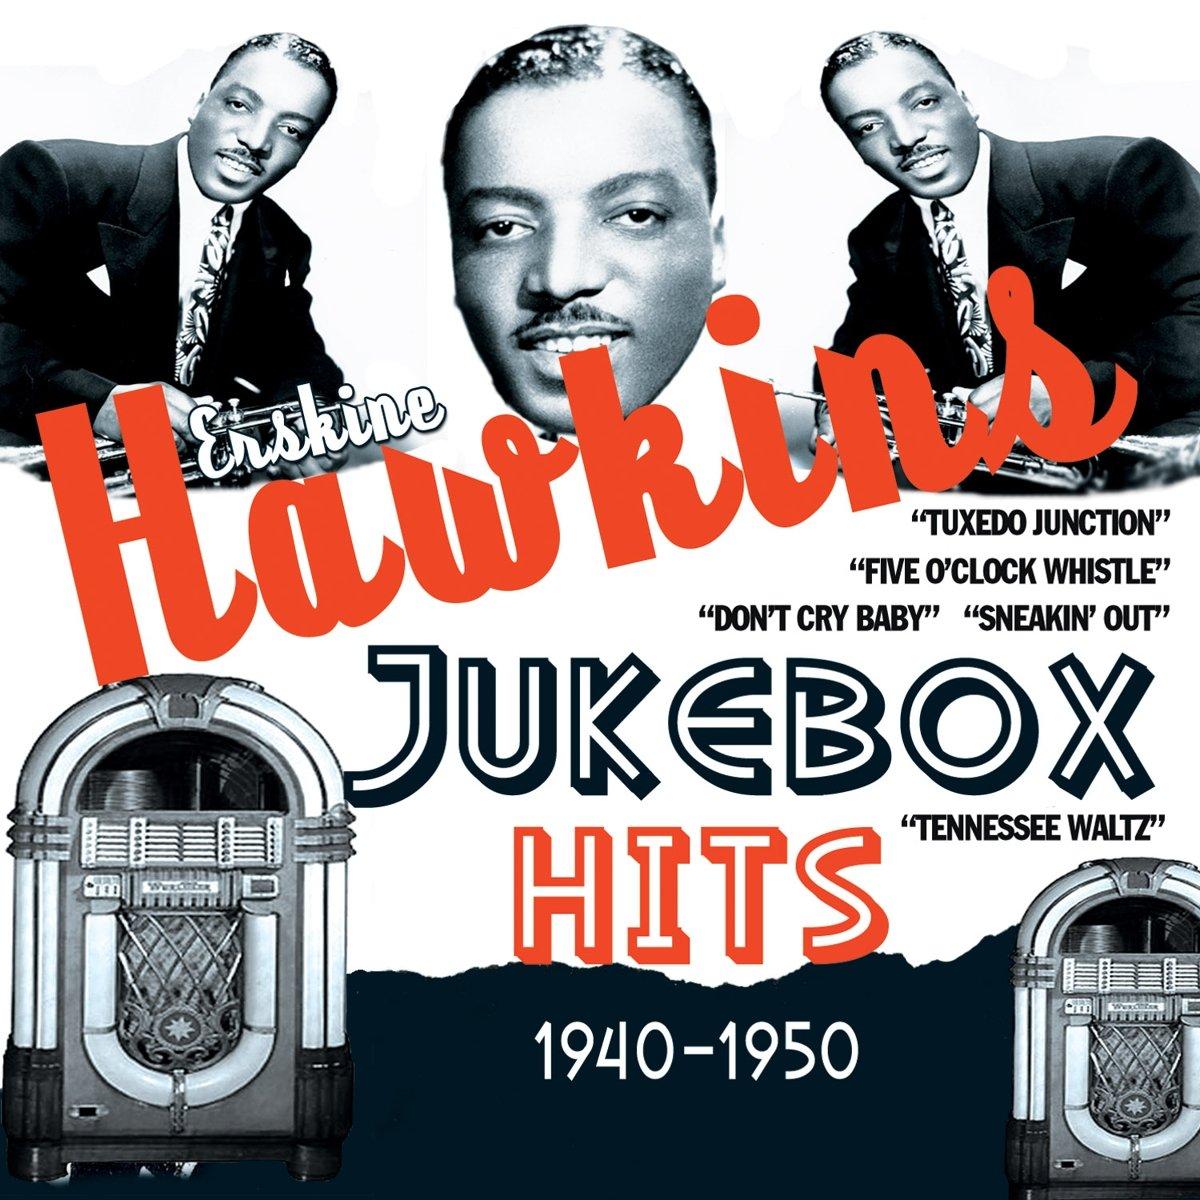 Jukebox Hits 1940-1950 by Acrobat